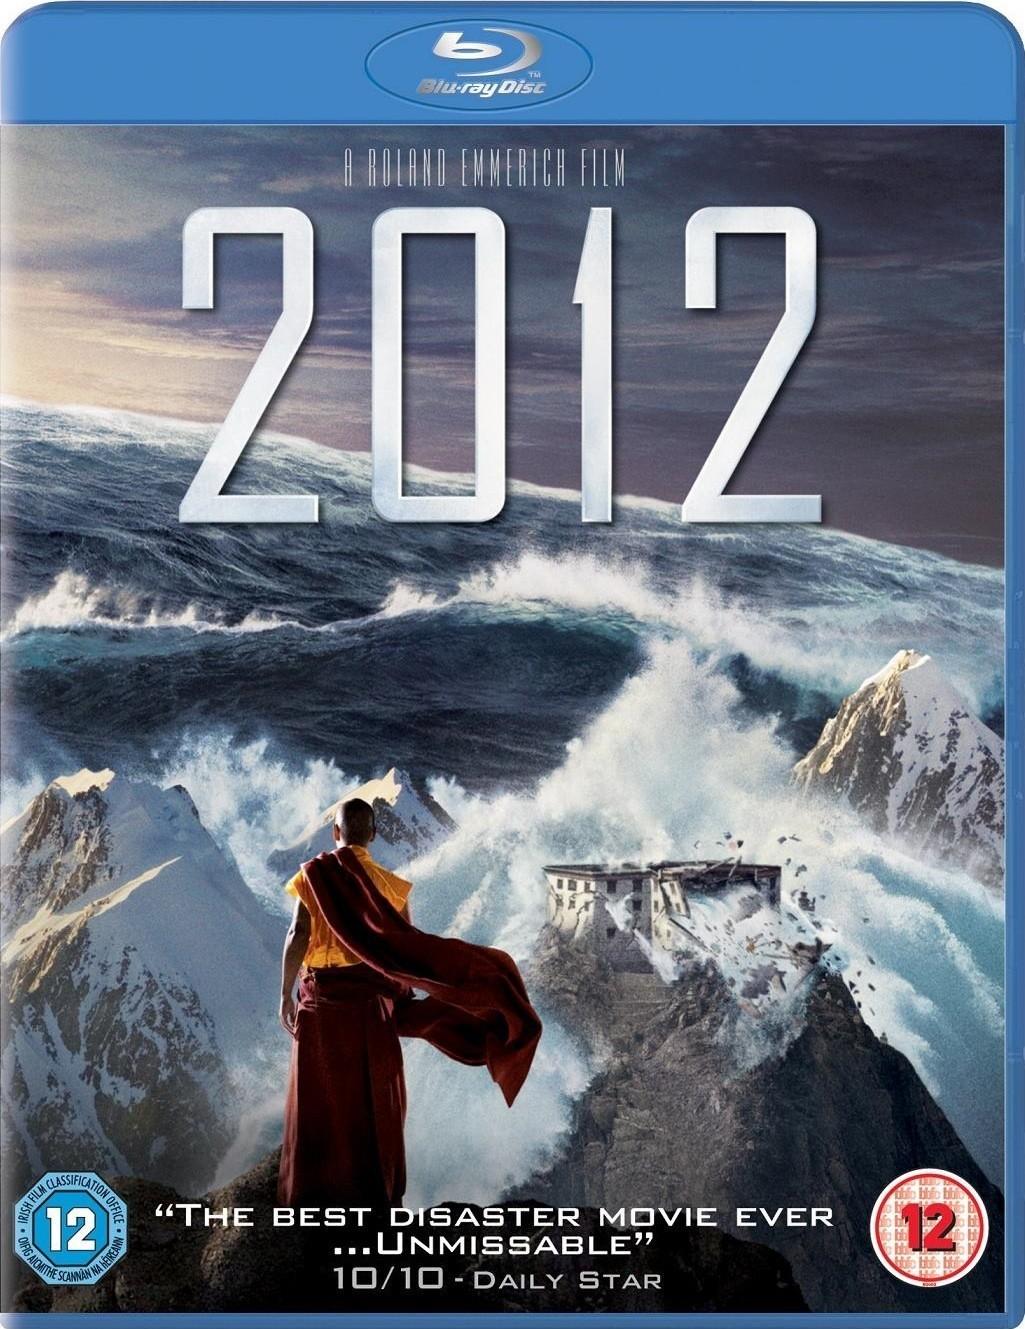 2012 世界末日 末日预言 (2009) (完整菜单版) 33-018